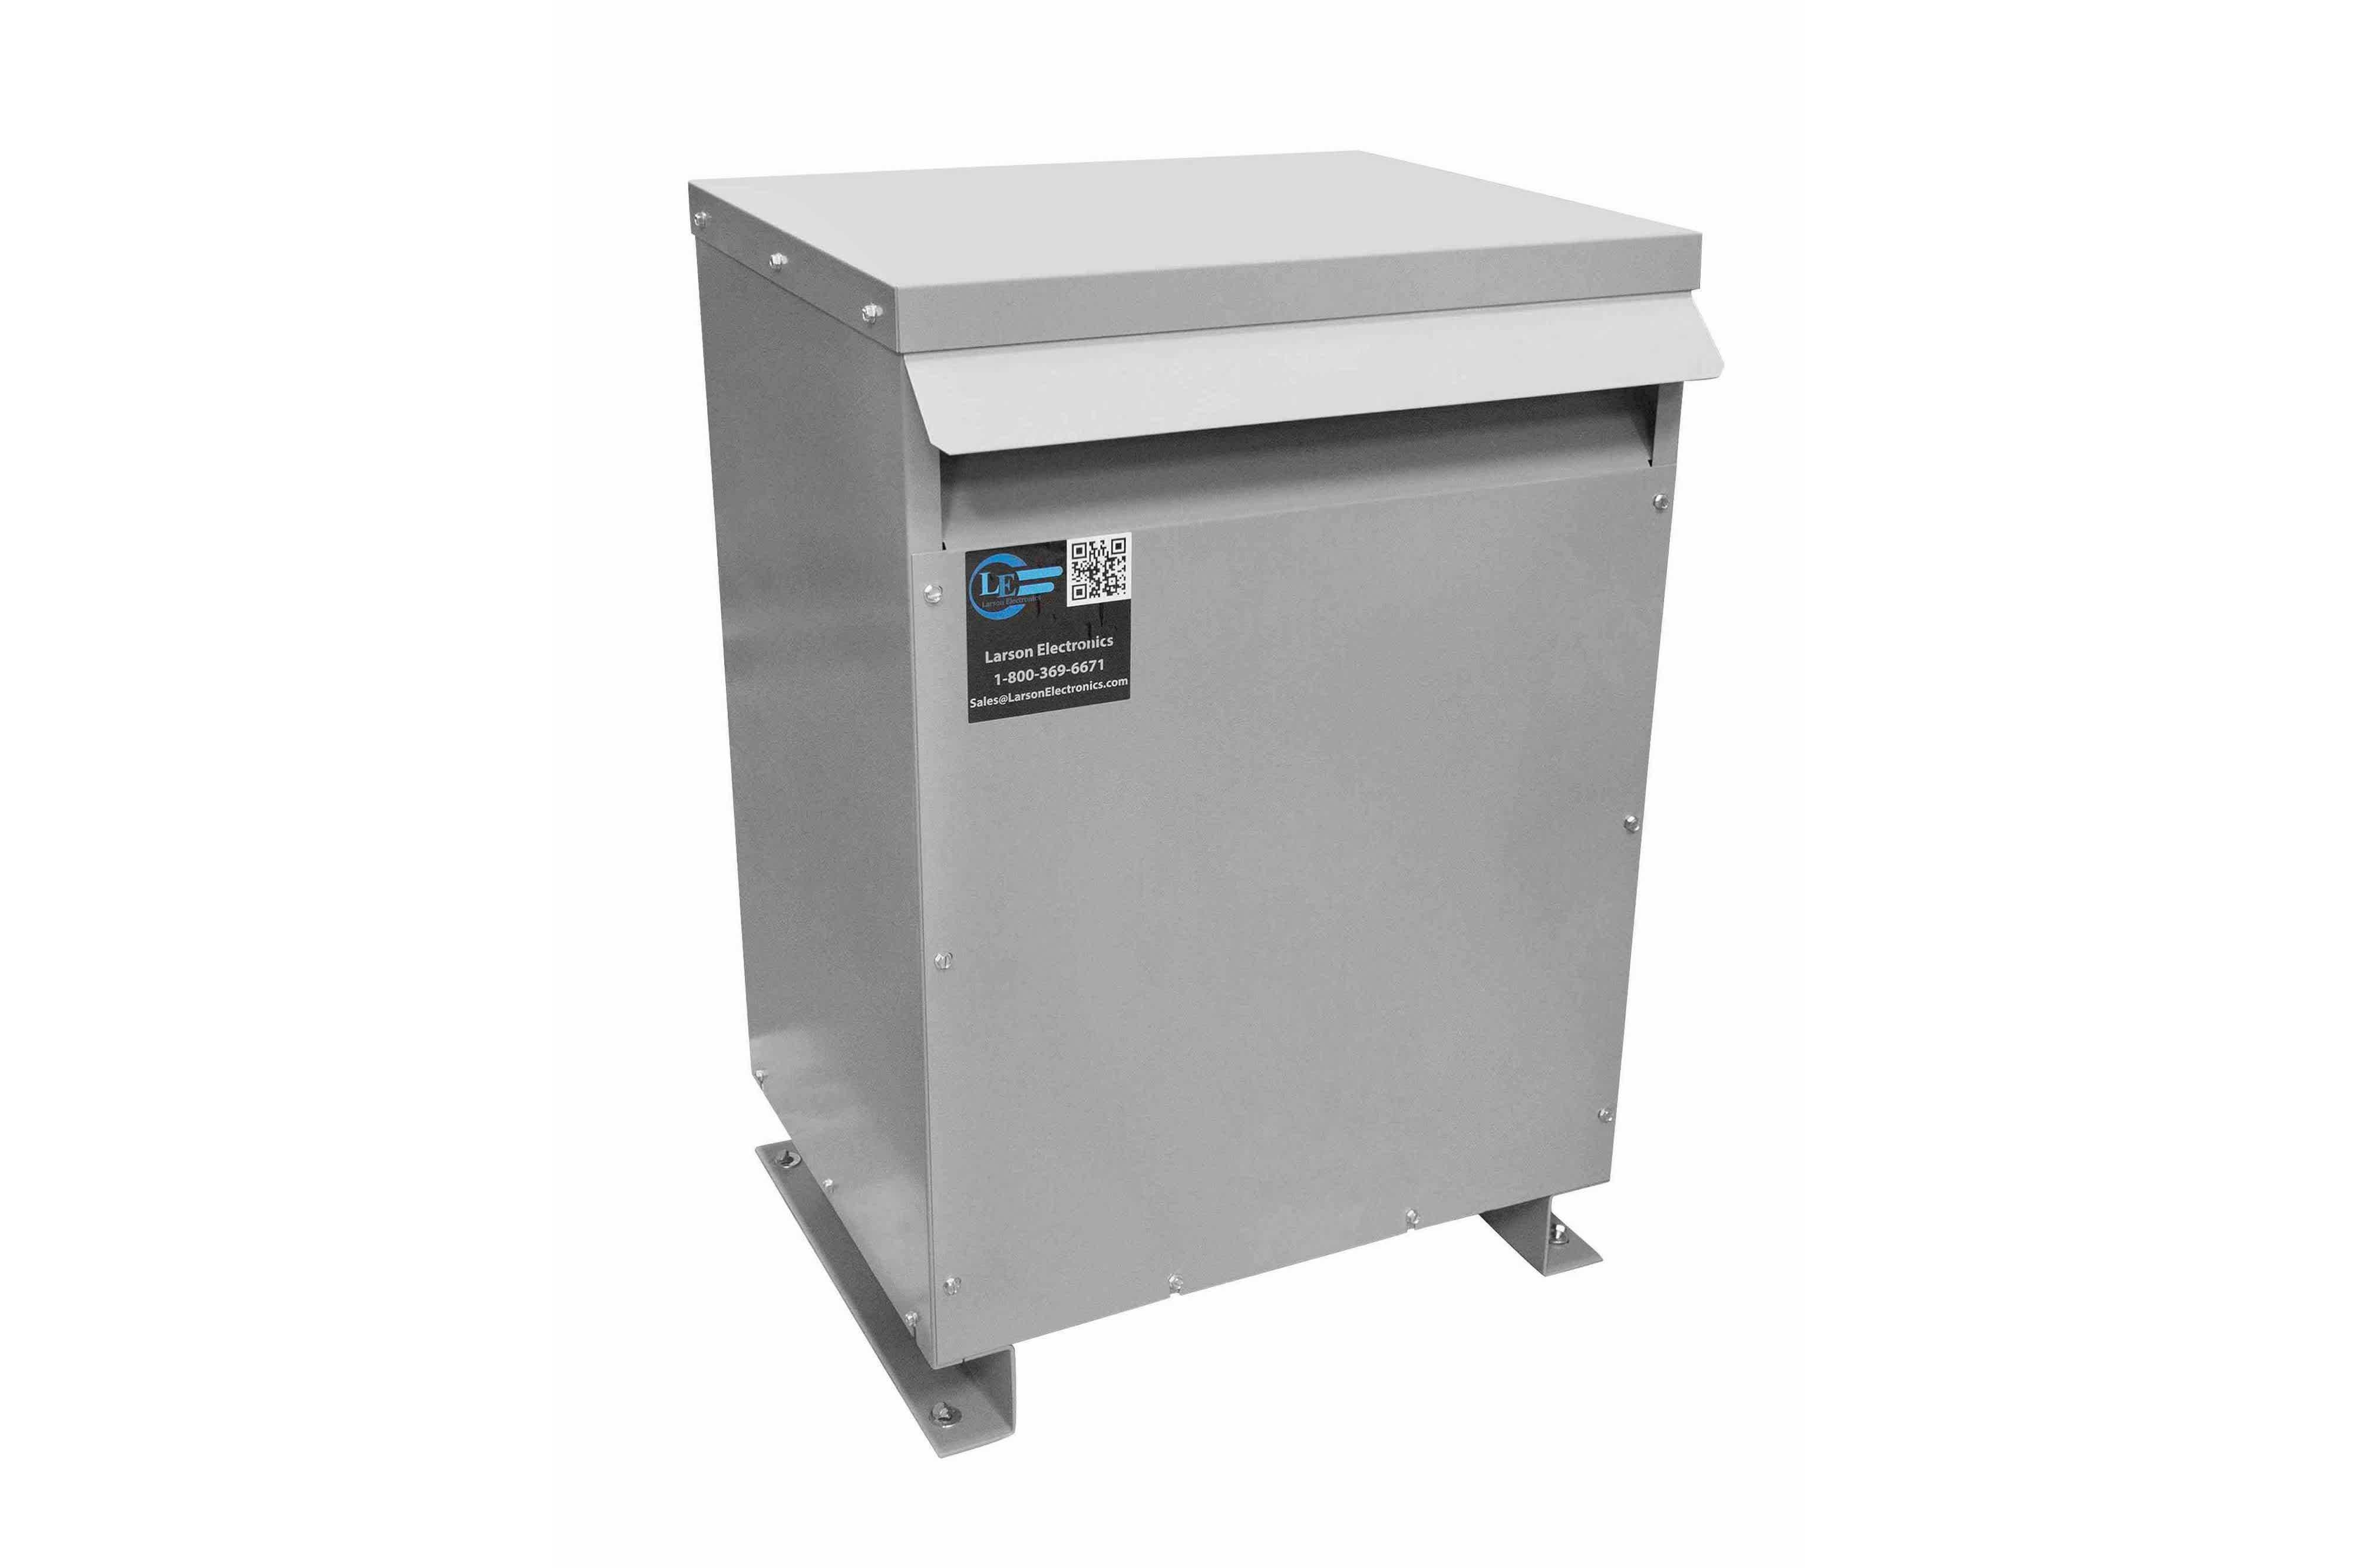 80 kVA 3PH Isolation Transformer, 240V Delta Primary, 415V Delta Secondary, N3R, Ventilated, 60 Hz